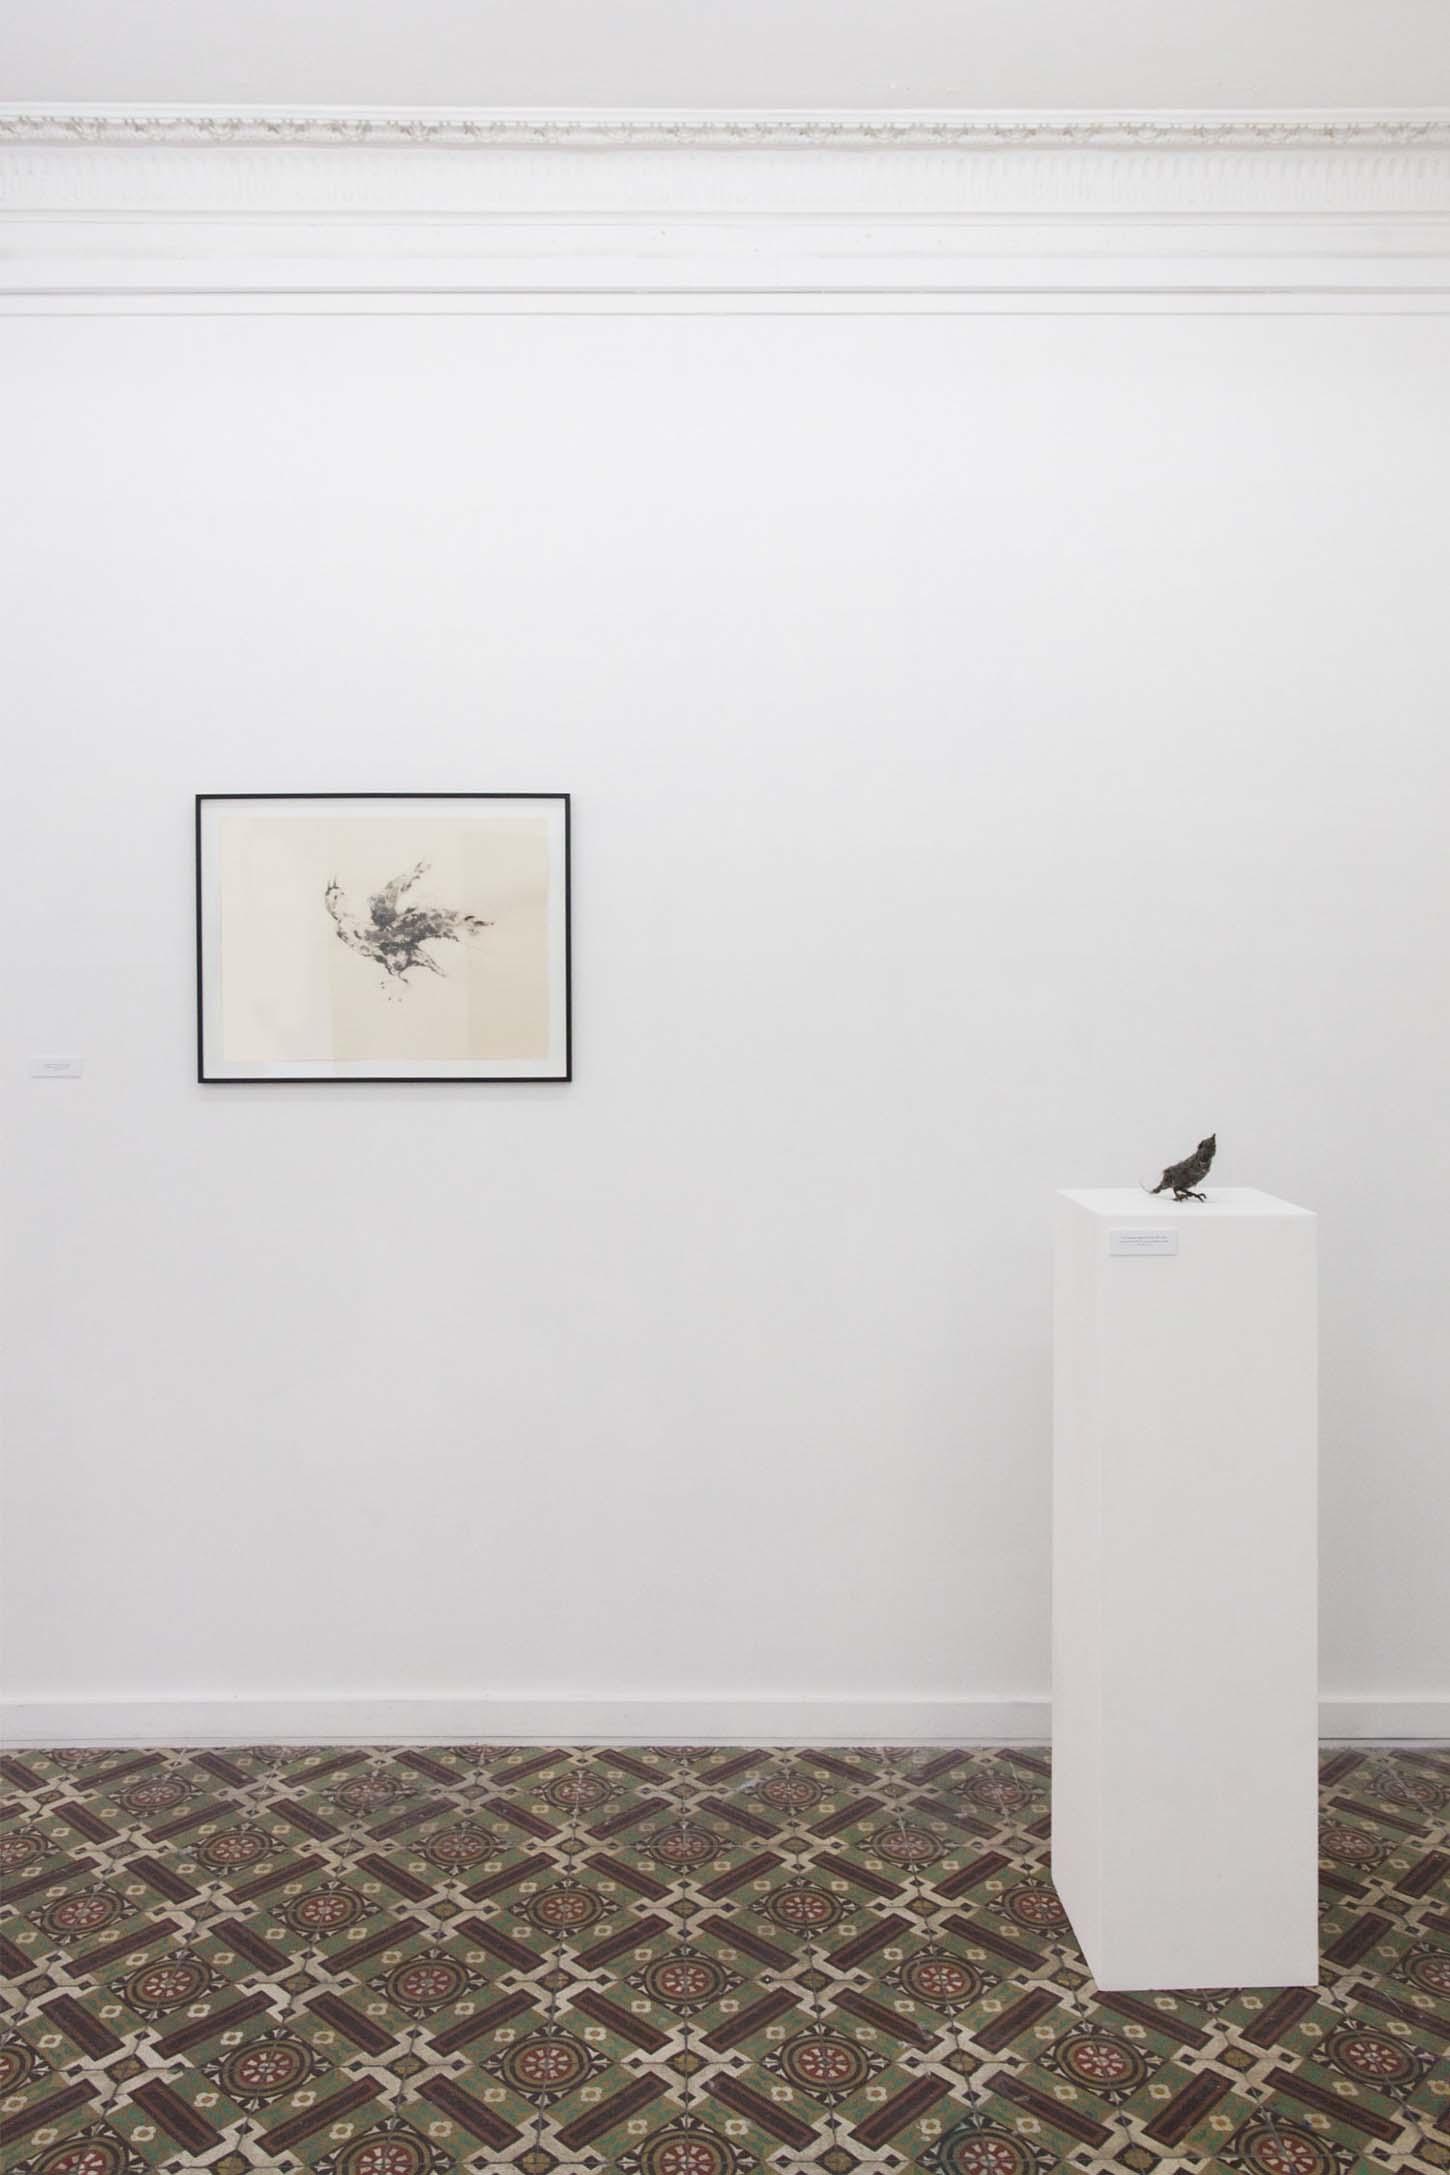 De gauche à droite :Lionel Sabbaté :Poussière volatile du 10 août, 2013,poussière et vernis sur papier, 65 x 50 cmPoussière bec rouge du 24 août 2014, 2014,poussière de l'IFM, structure métallique, vernis, 15 x 16 x 7 cm